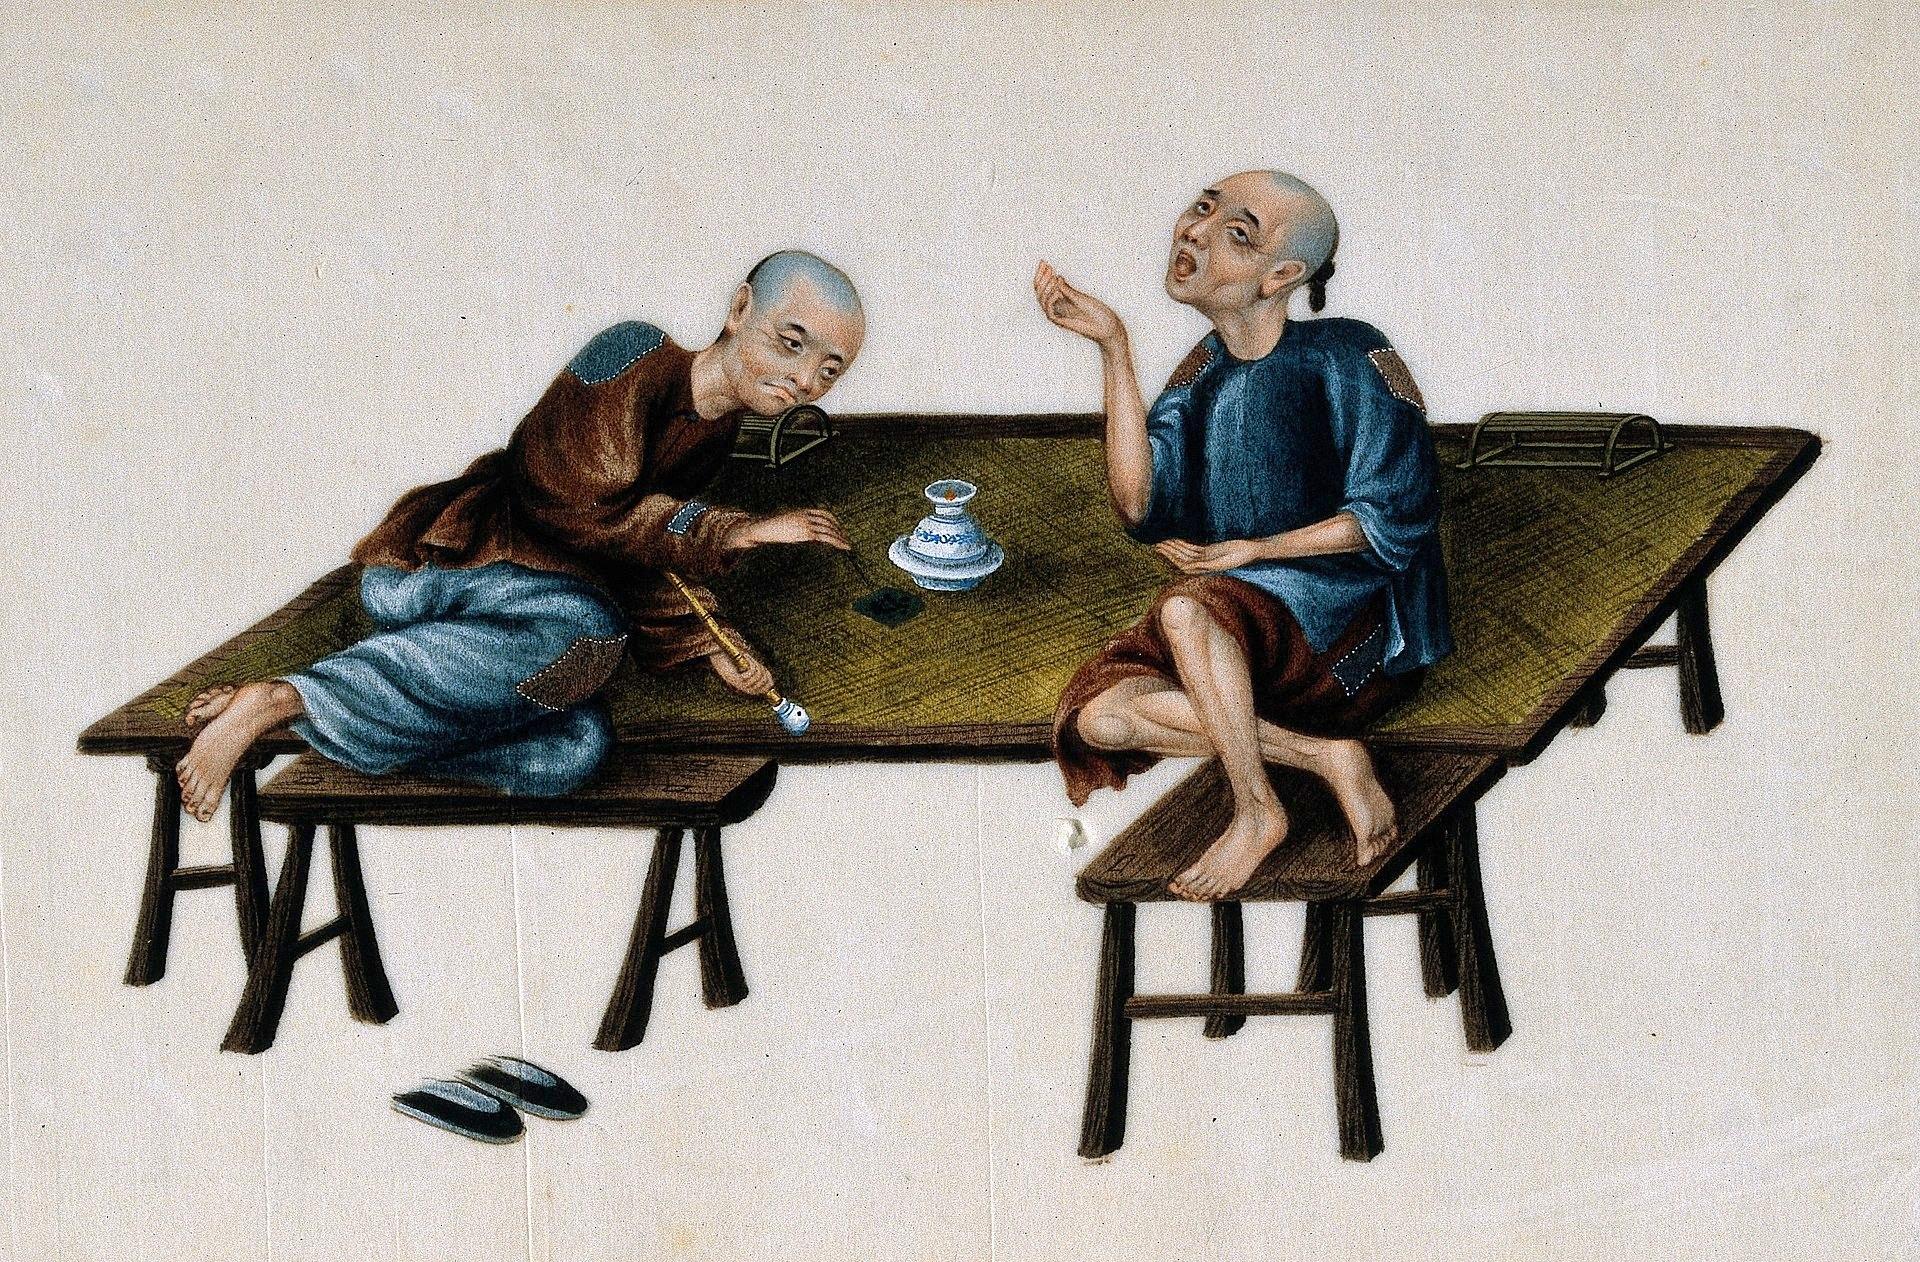 Künstlerische Darstellung verarmter Opiumraucher, 19. Jahrhundert